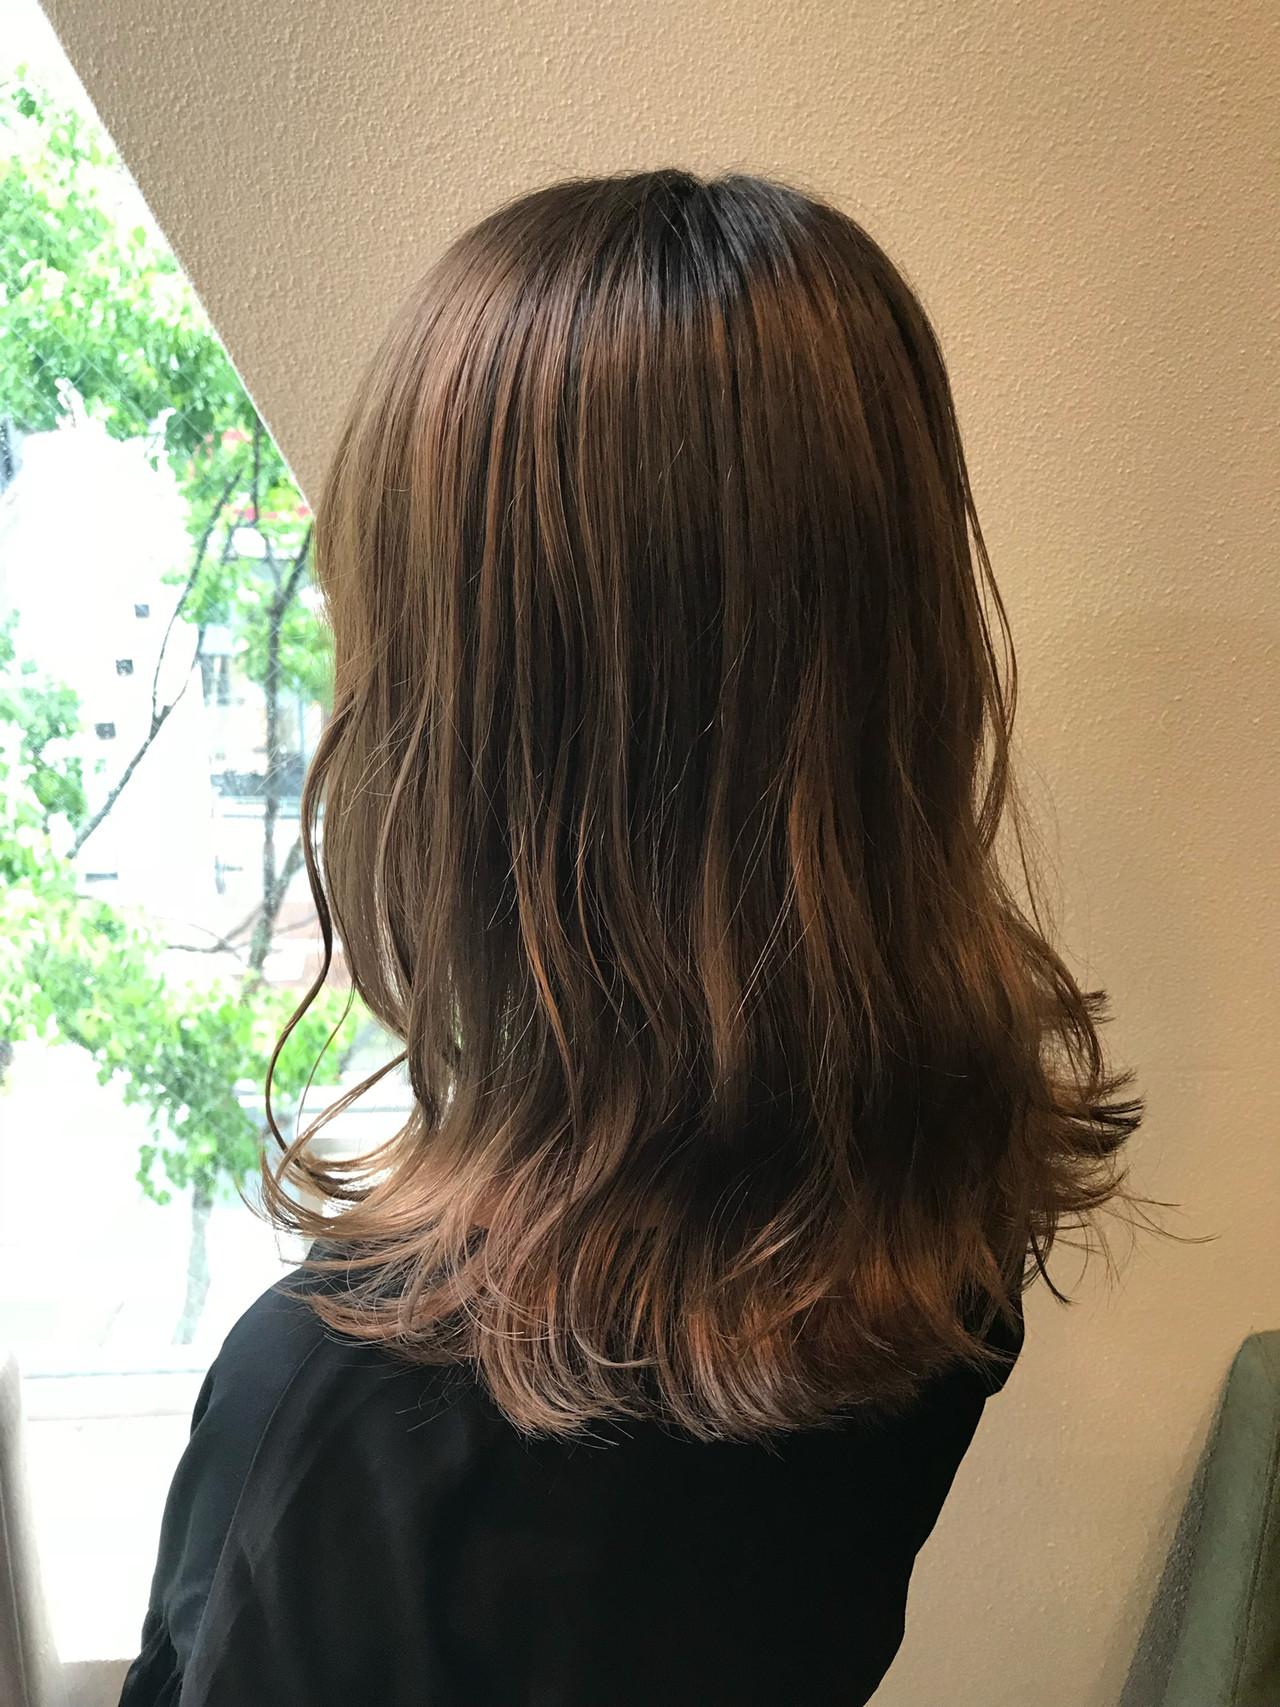 ブラウンベージュ セミロング 透明感カラー ナチュラル ヘアスタイルや髪型の写真・画像 | SHO / JILL by GiseL